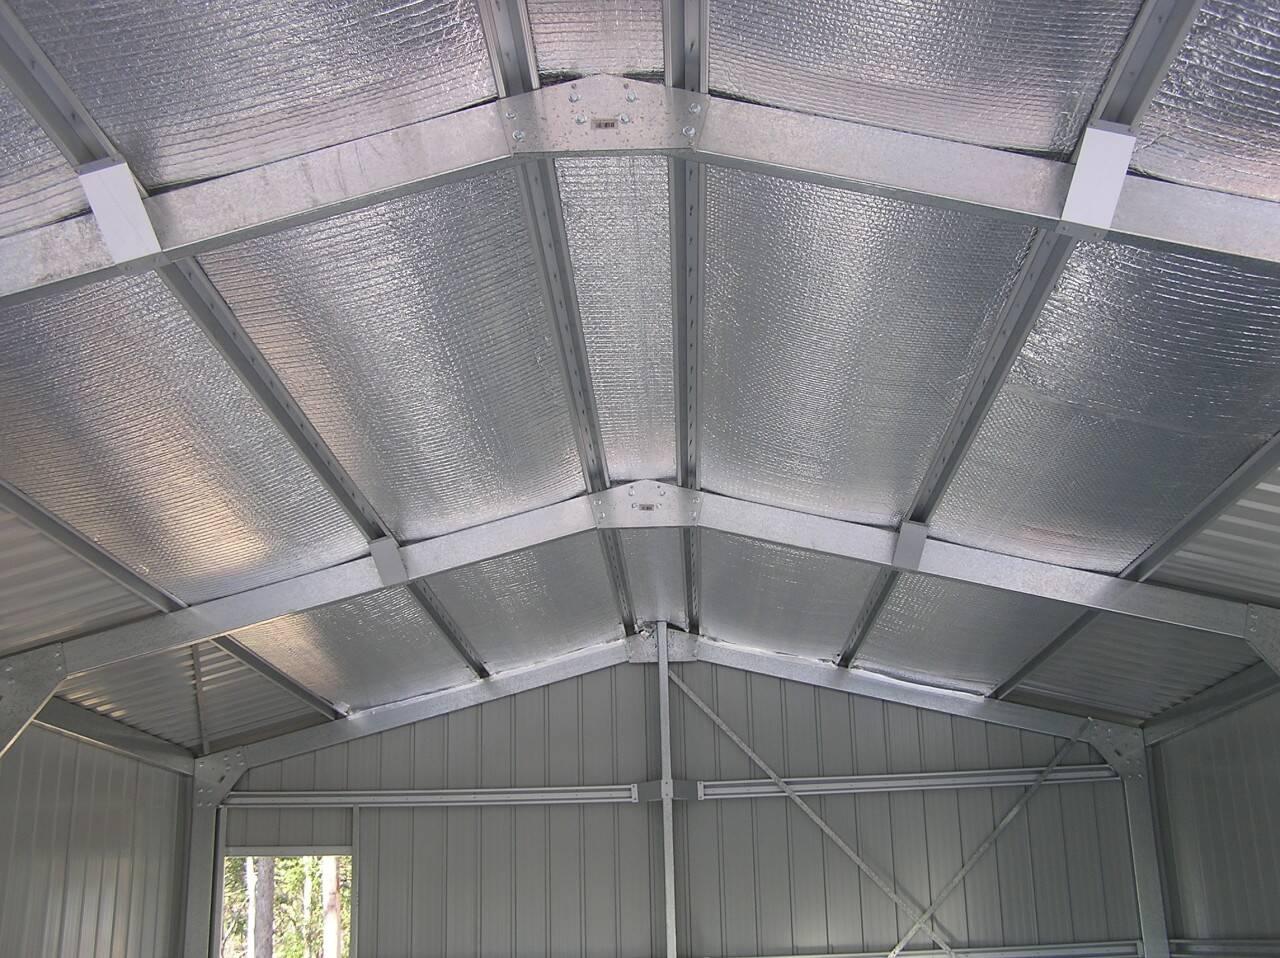 vật liệu xây nhà chống nóng - túi khí cách nhiệt